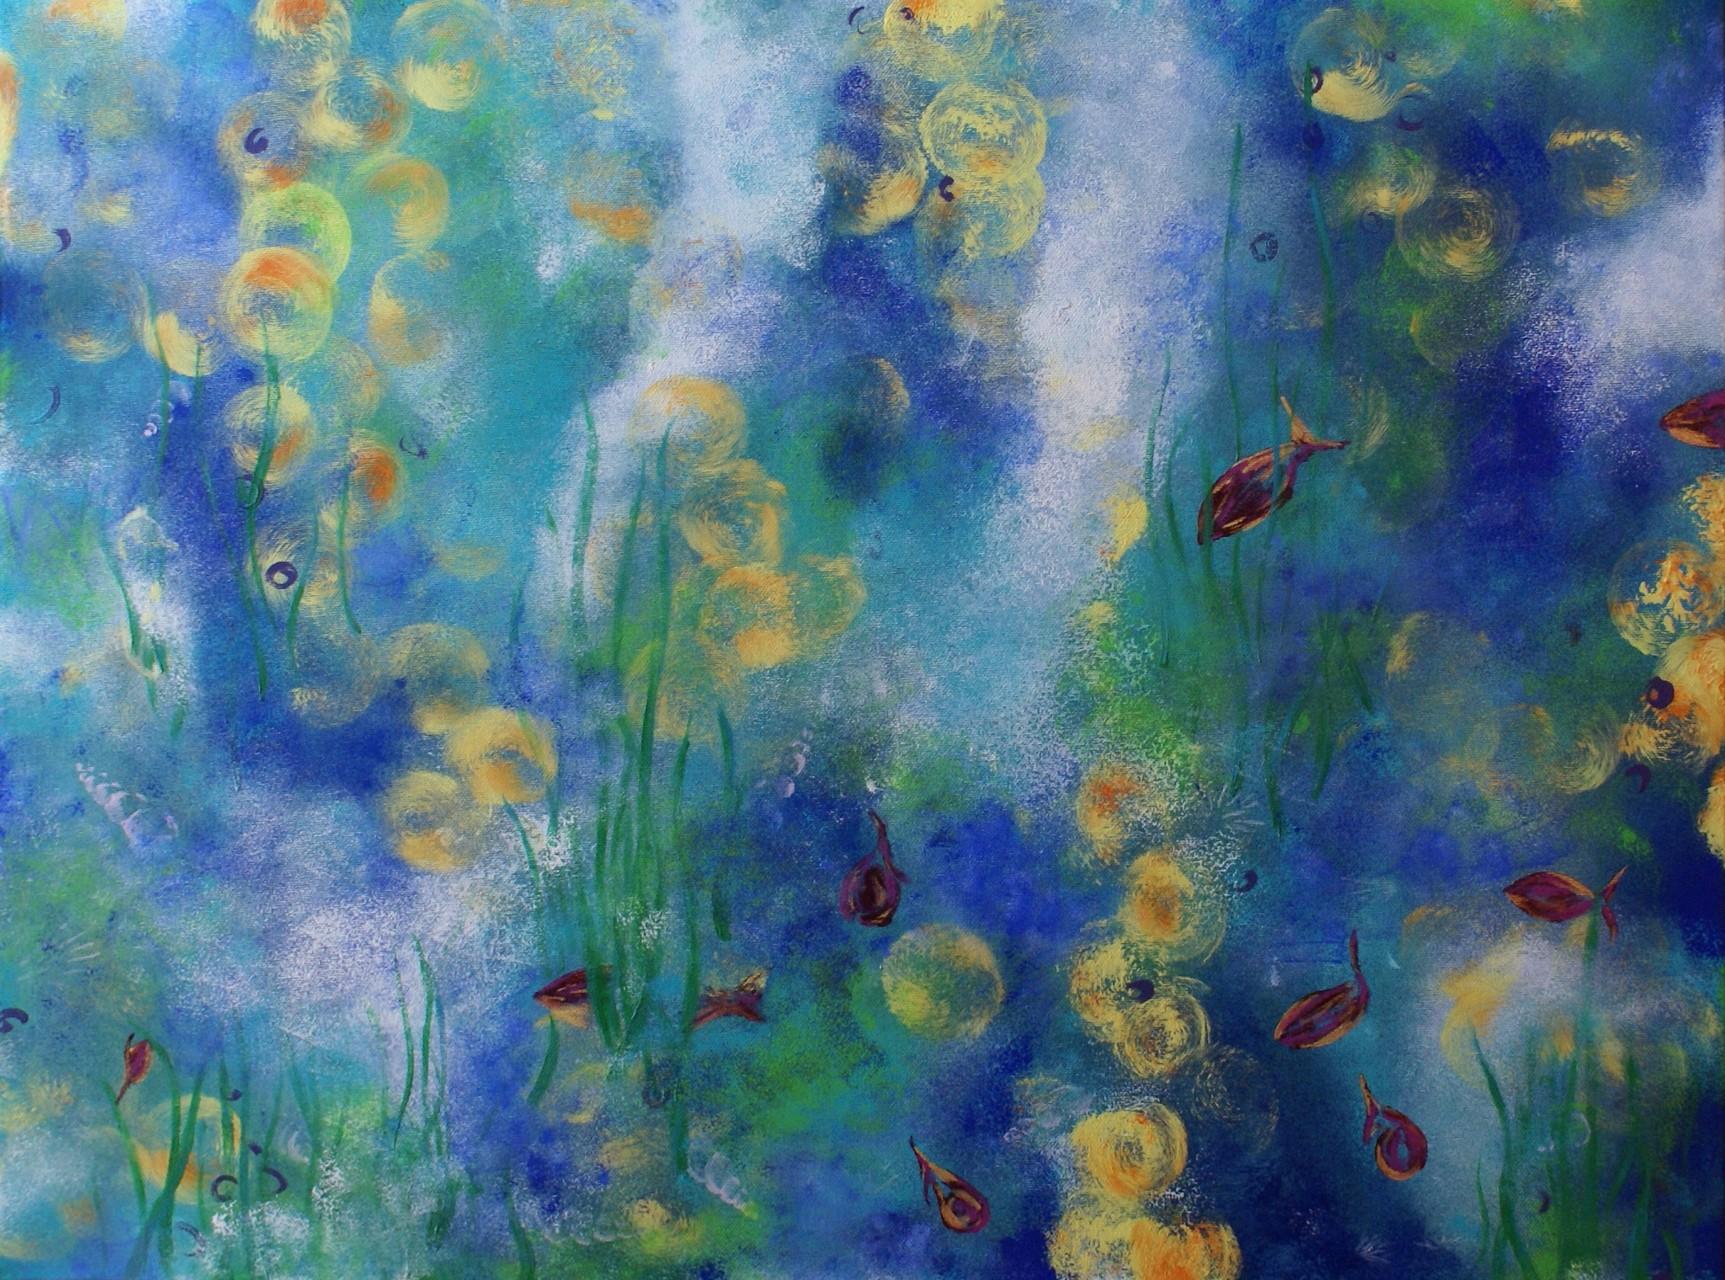 Wassermärchen - 60 x 80  - Acryl auf Leinwand - Fr. 1200.-